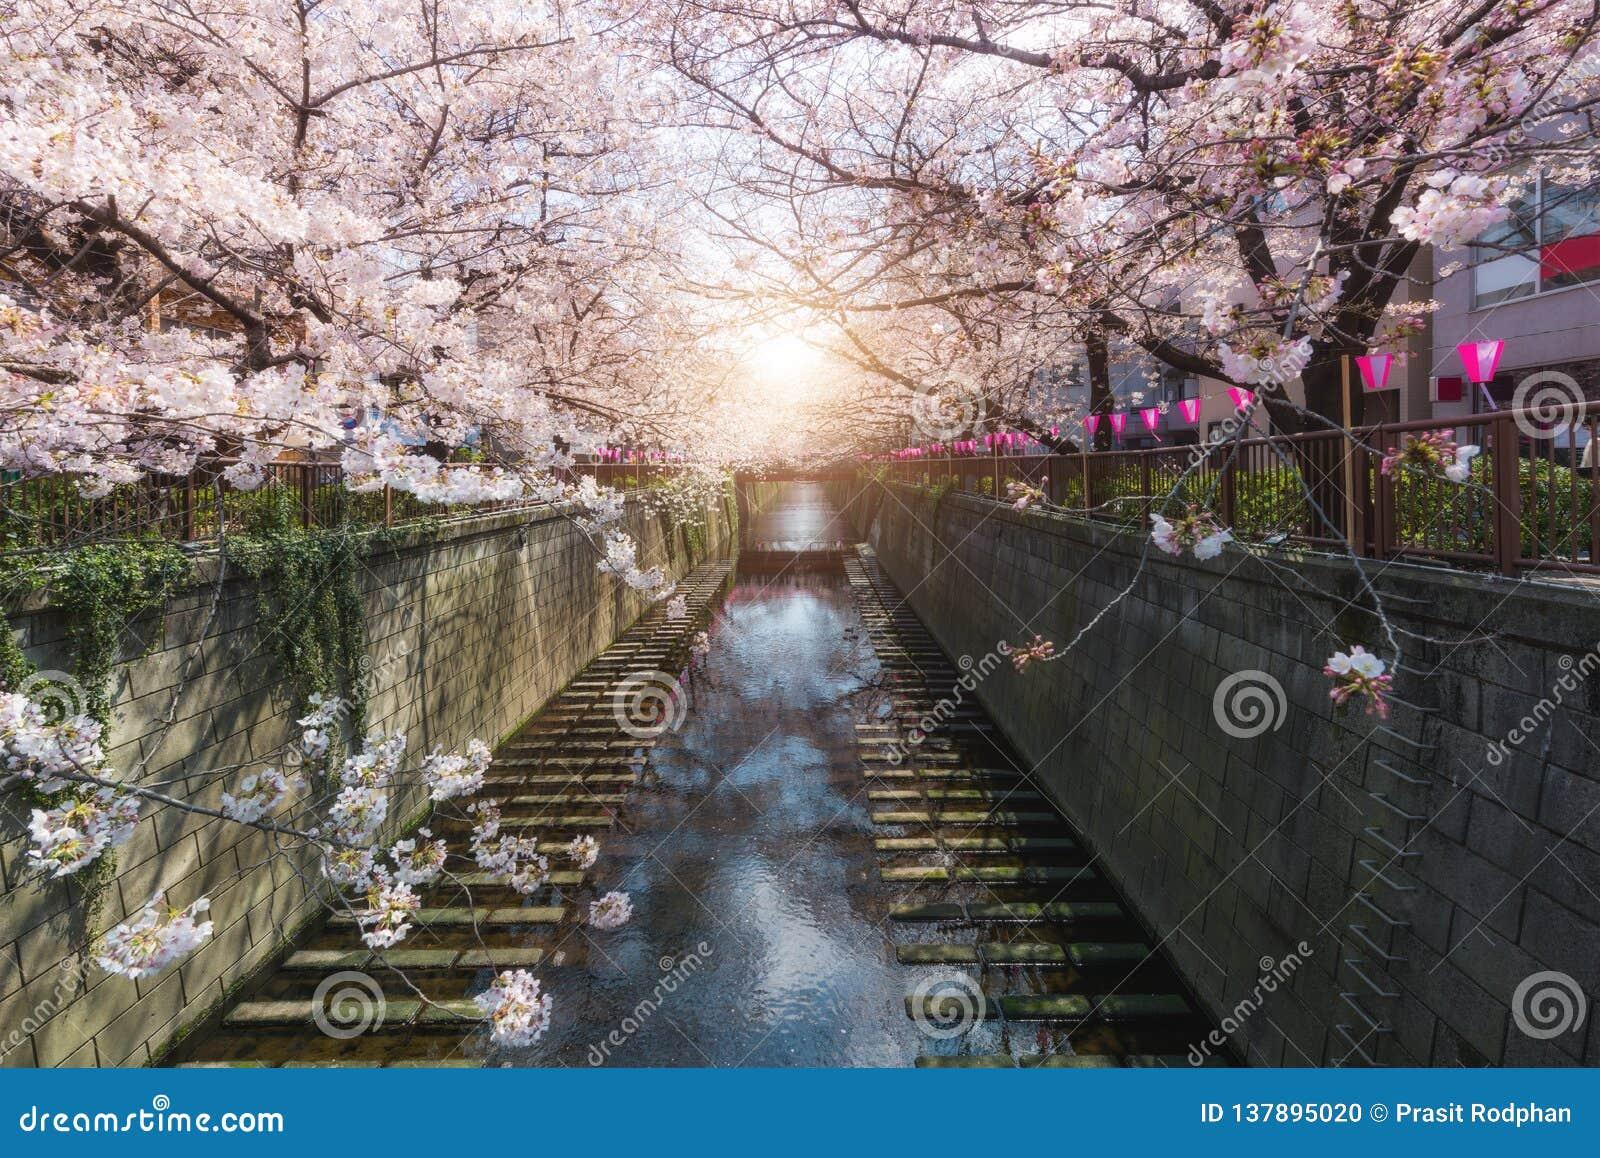 Kirschblüte zeichnete Meguro-Kanal in Tokyo, Japan Frühjahr im April in Tokyo, Japan